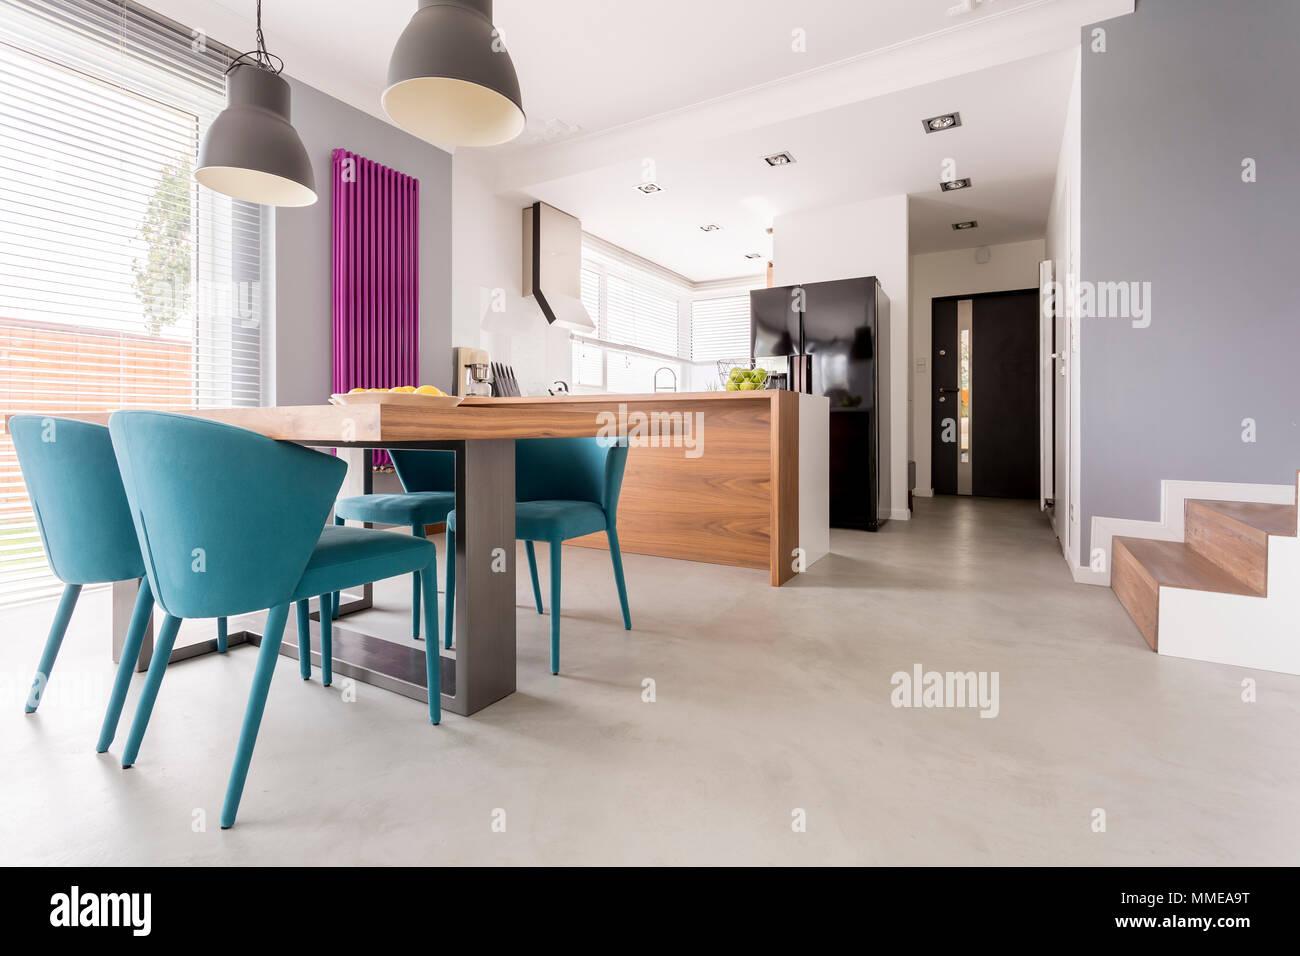 Monochromatische moderne offene Wohnung mit bunten und mit Akzenten ...